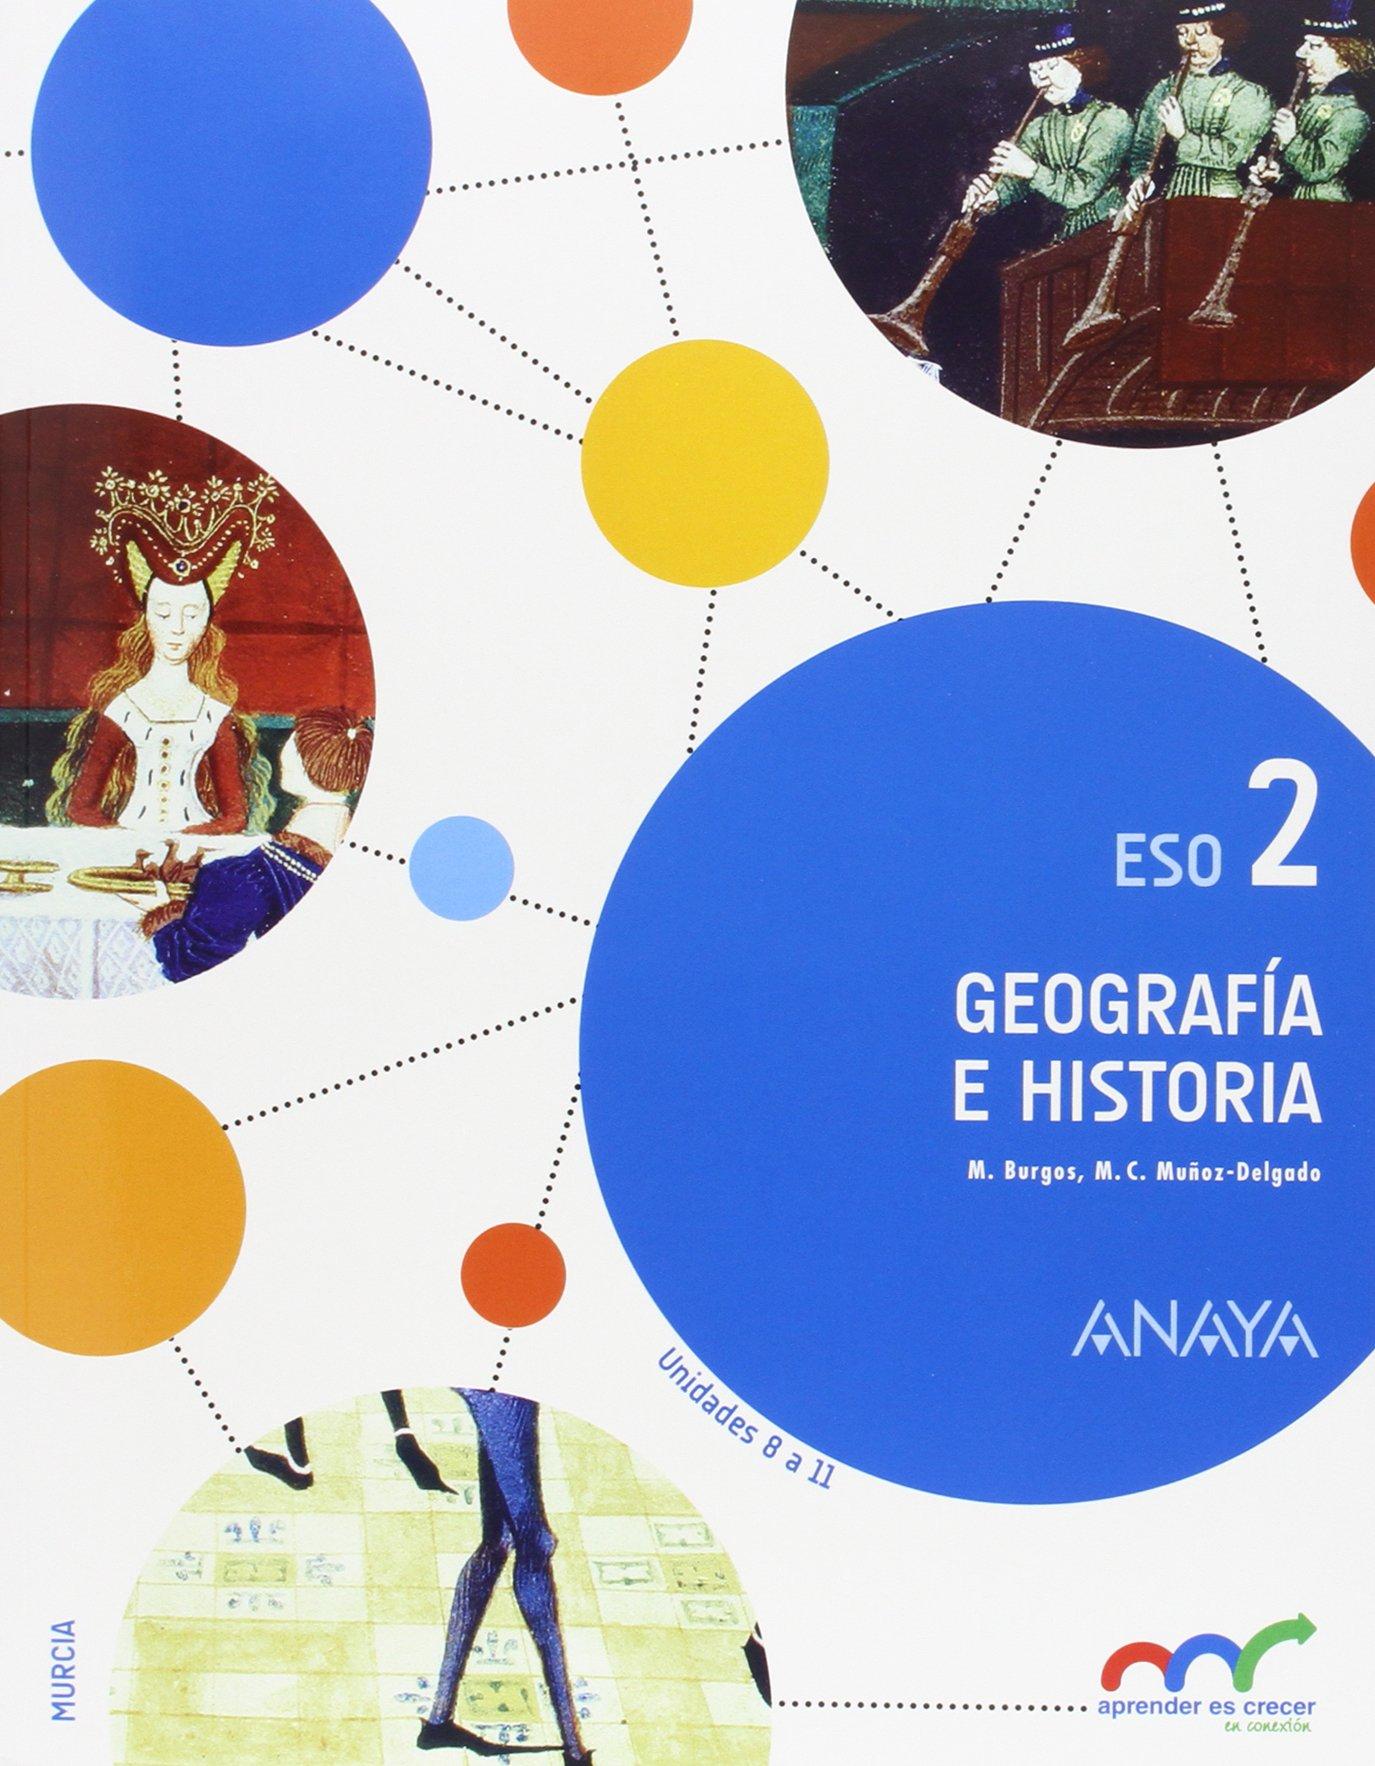 Geografía e Historia 2 Aprender es crecer en conexión: Amazon.es: Burgos Alonso, Manuel, Muñoz-Delgado y Mérida, Mª Concepción: Libros